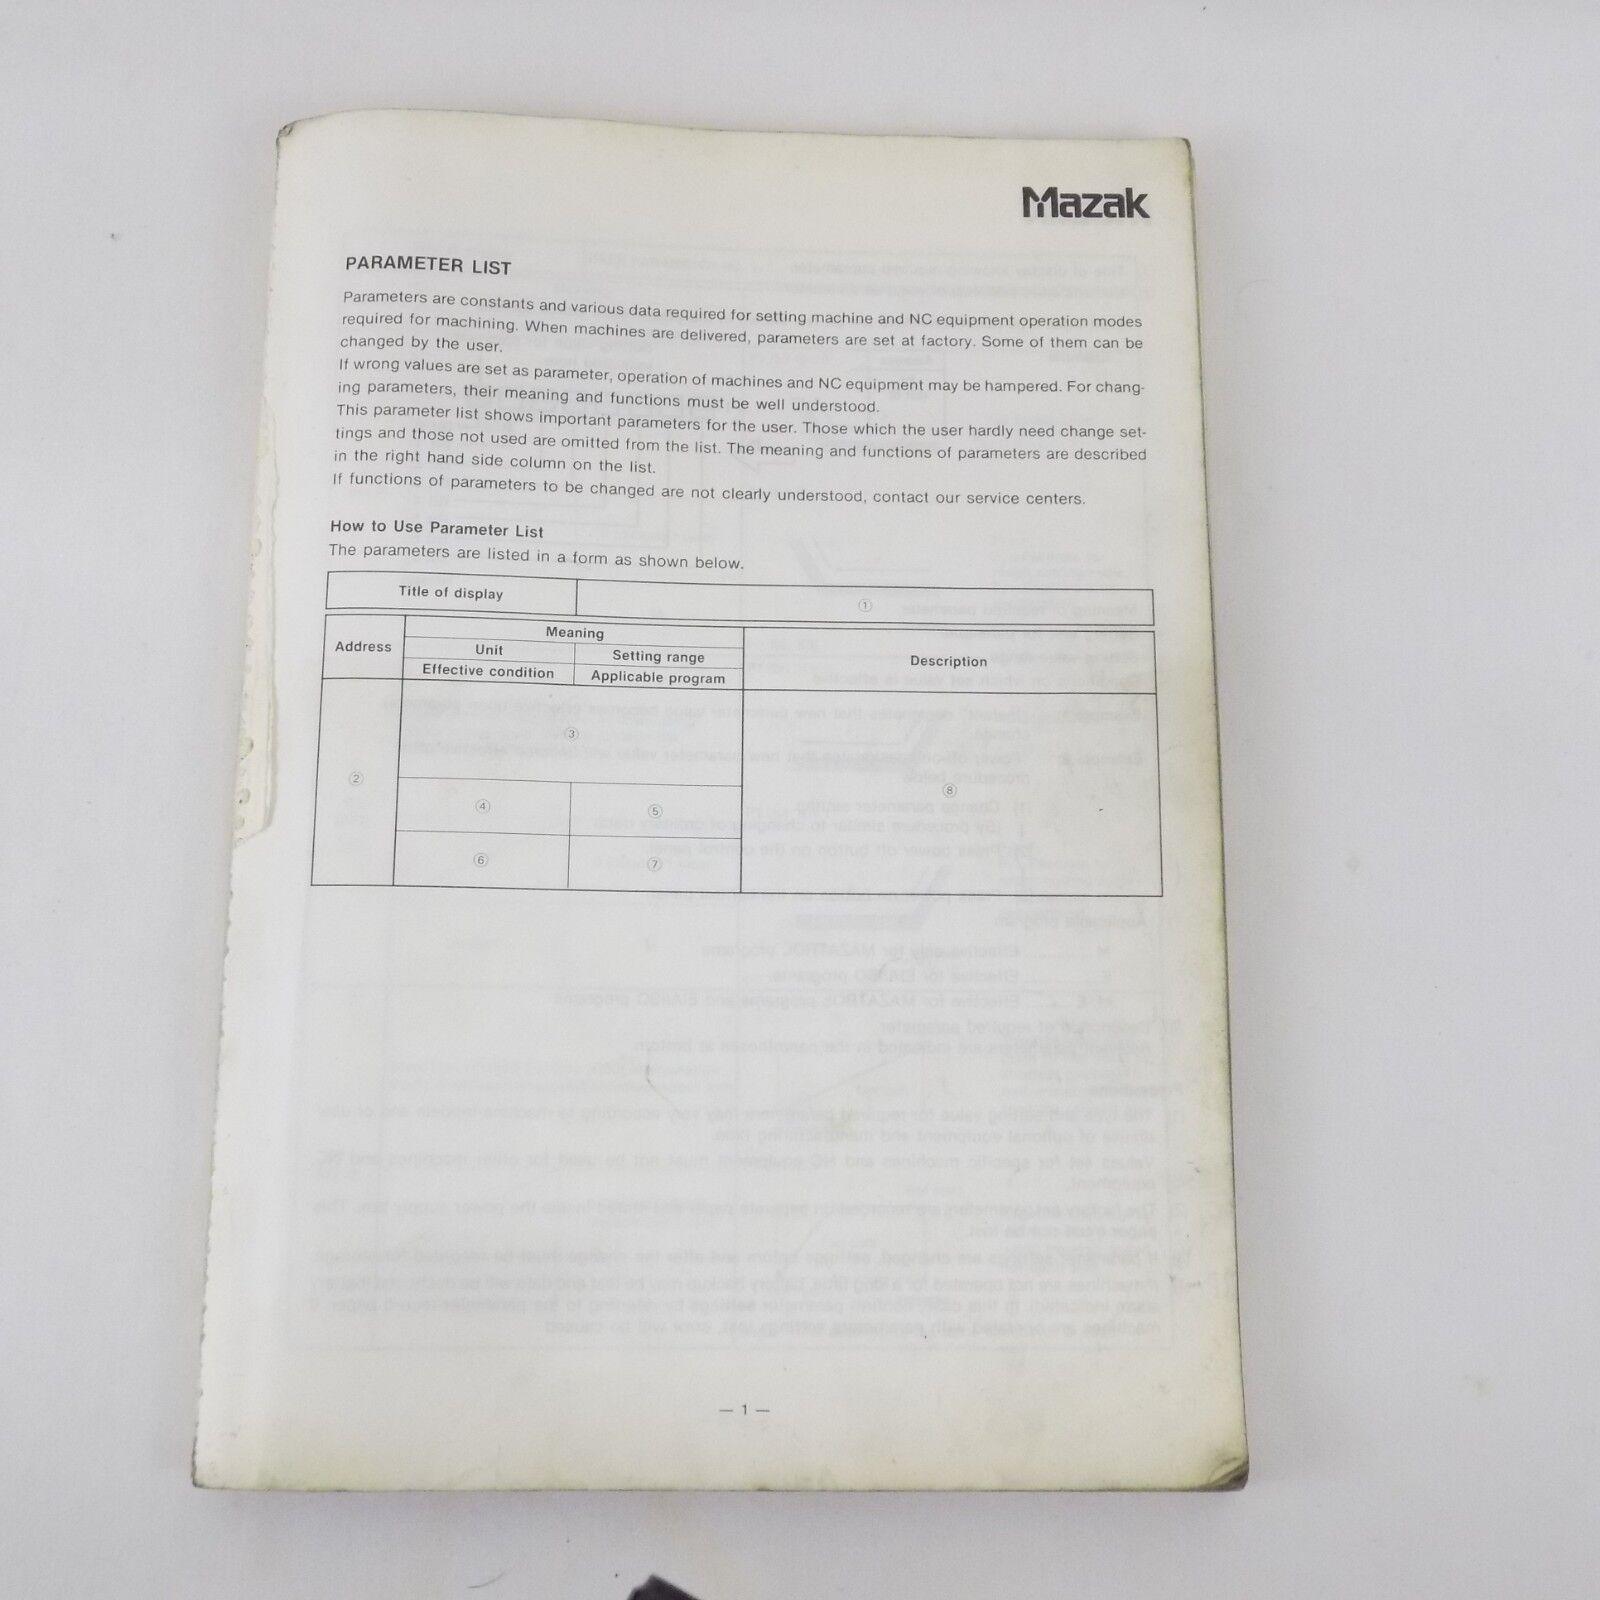 Книга, чертеж или руководство о металлообработке и металлорежущих станках  MAZAK